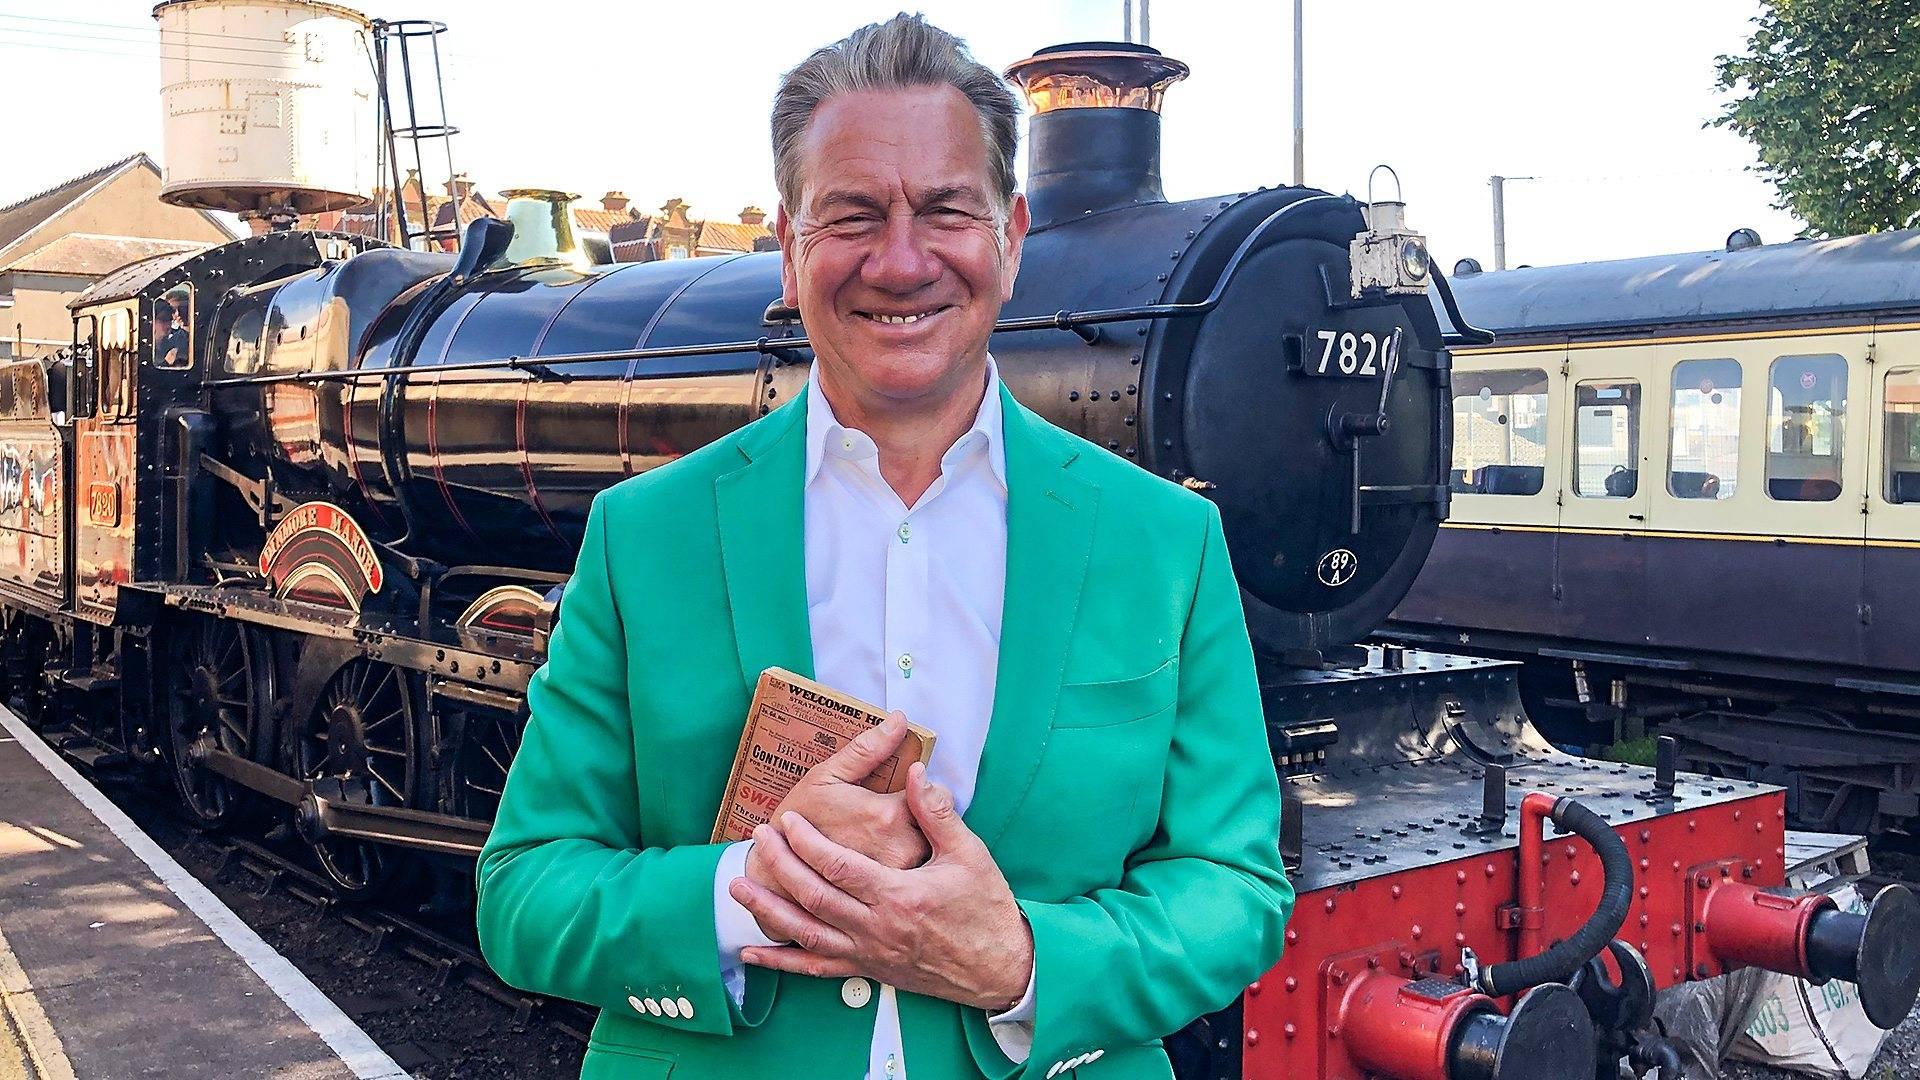 纪录片.BBC.坐着火车游英国/英国铁路纪行.S11E09.2020[高清][英字]